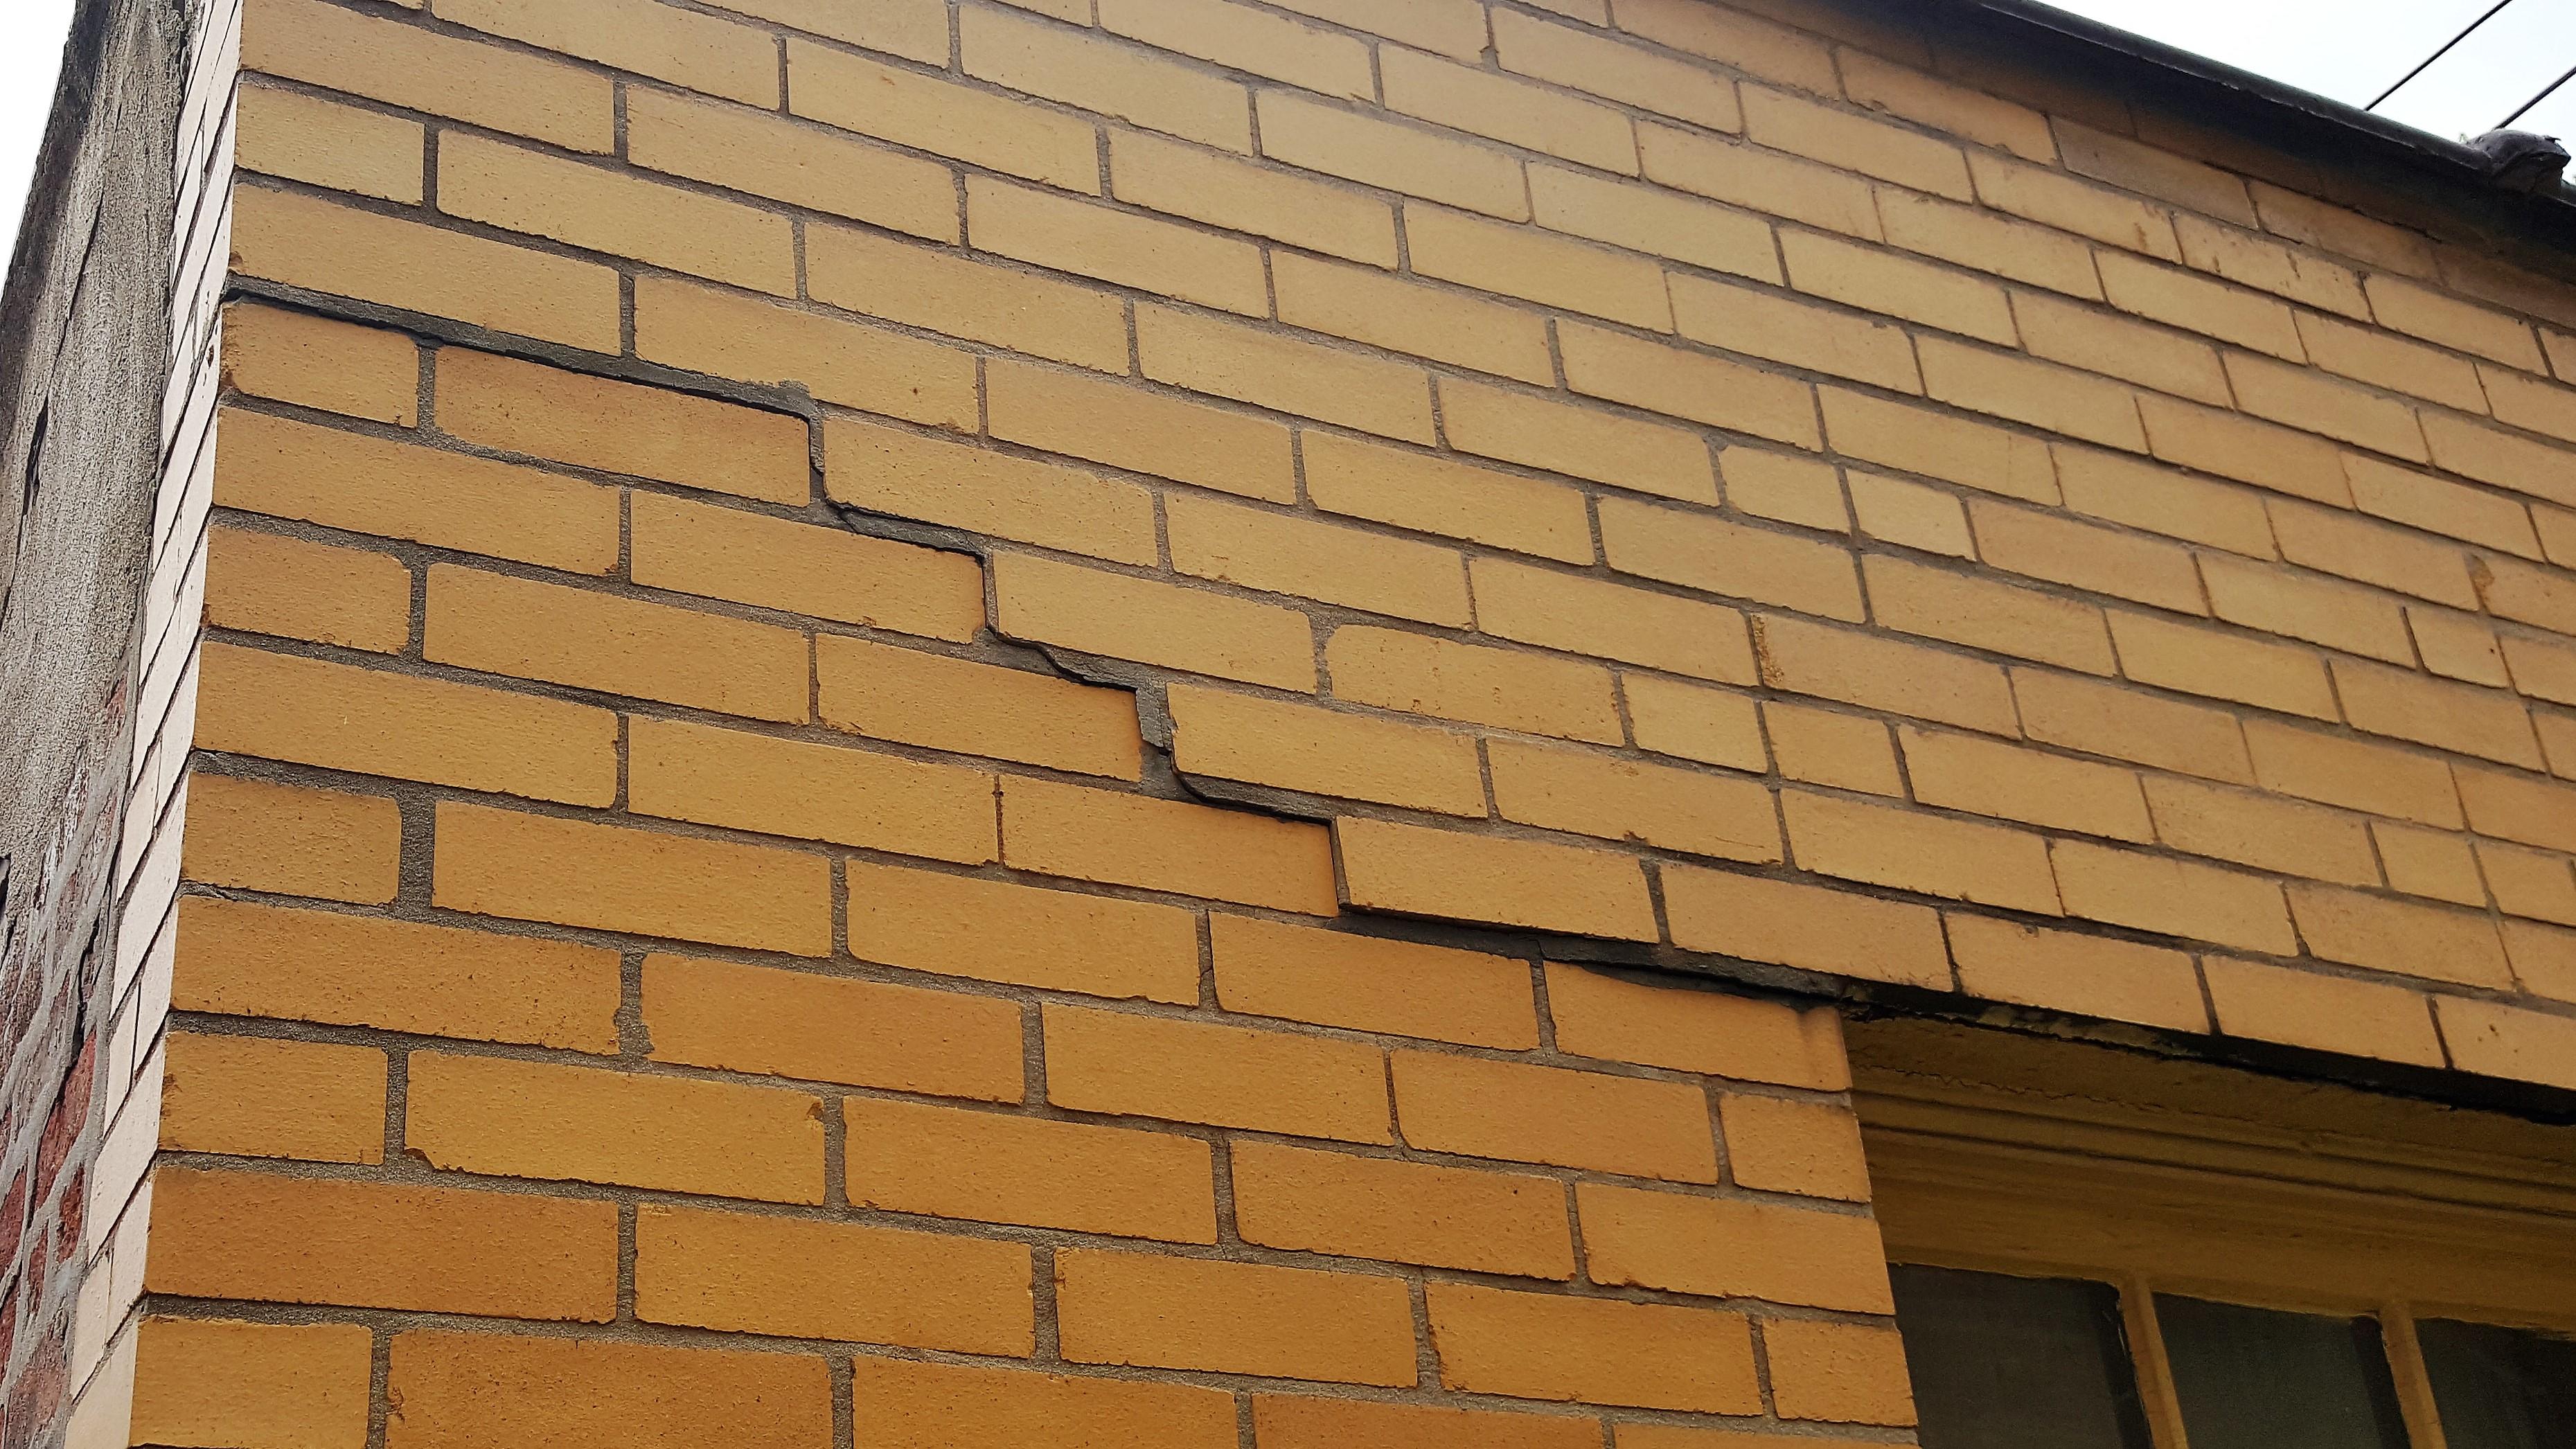 Rusted lintels